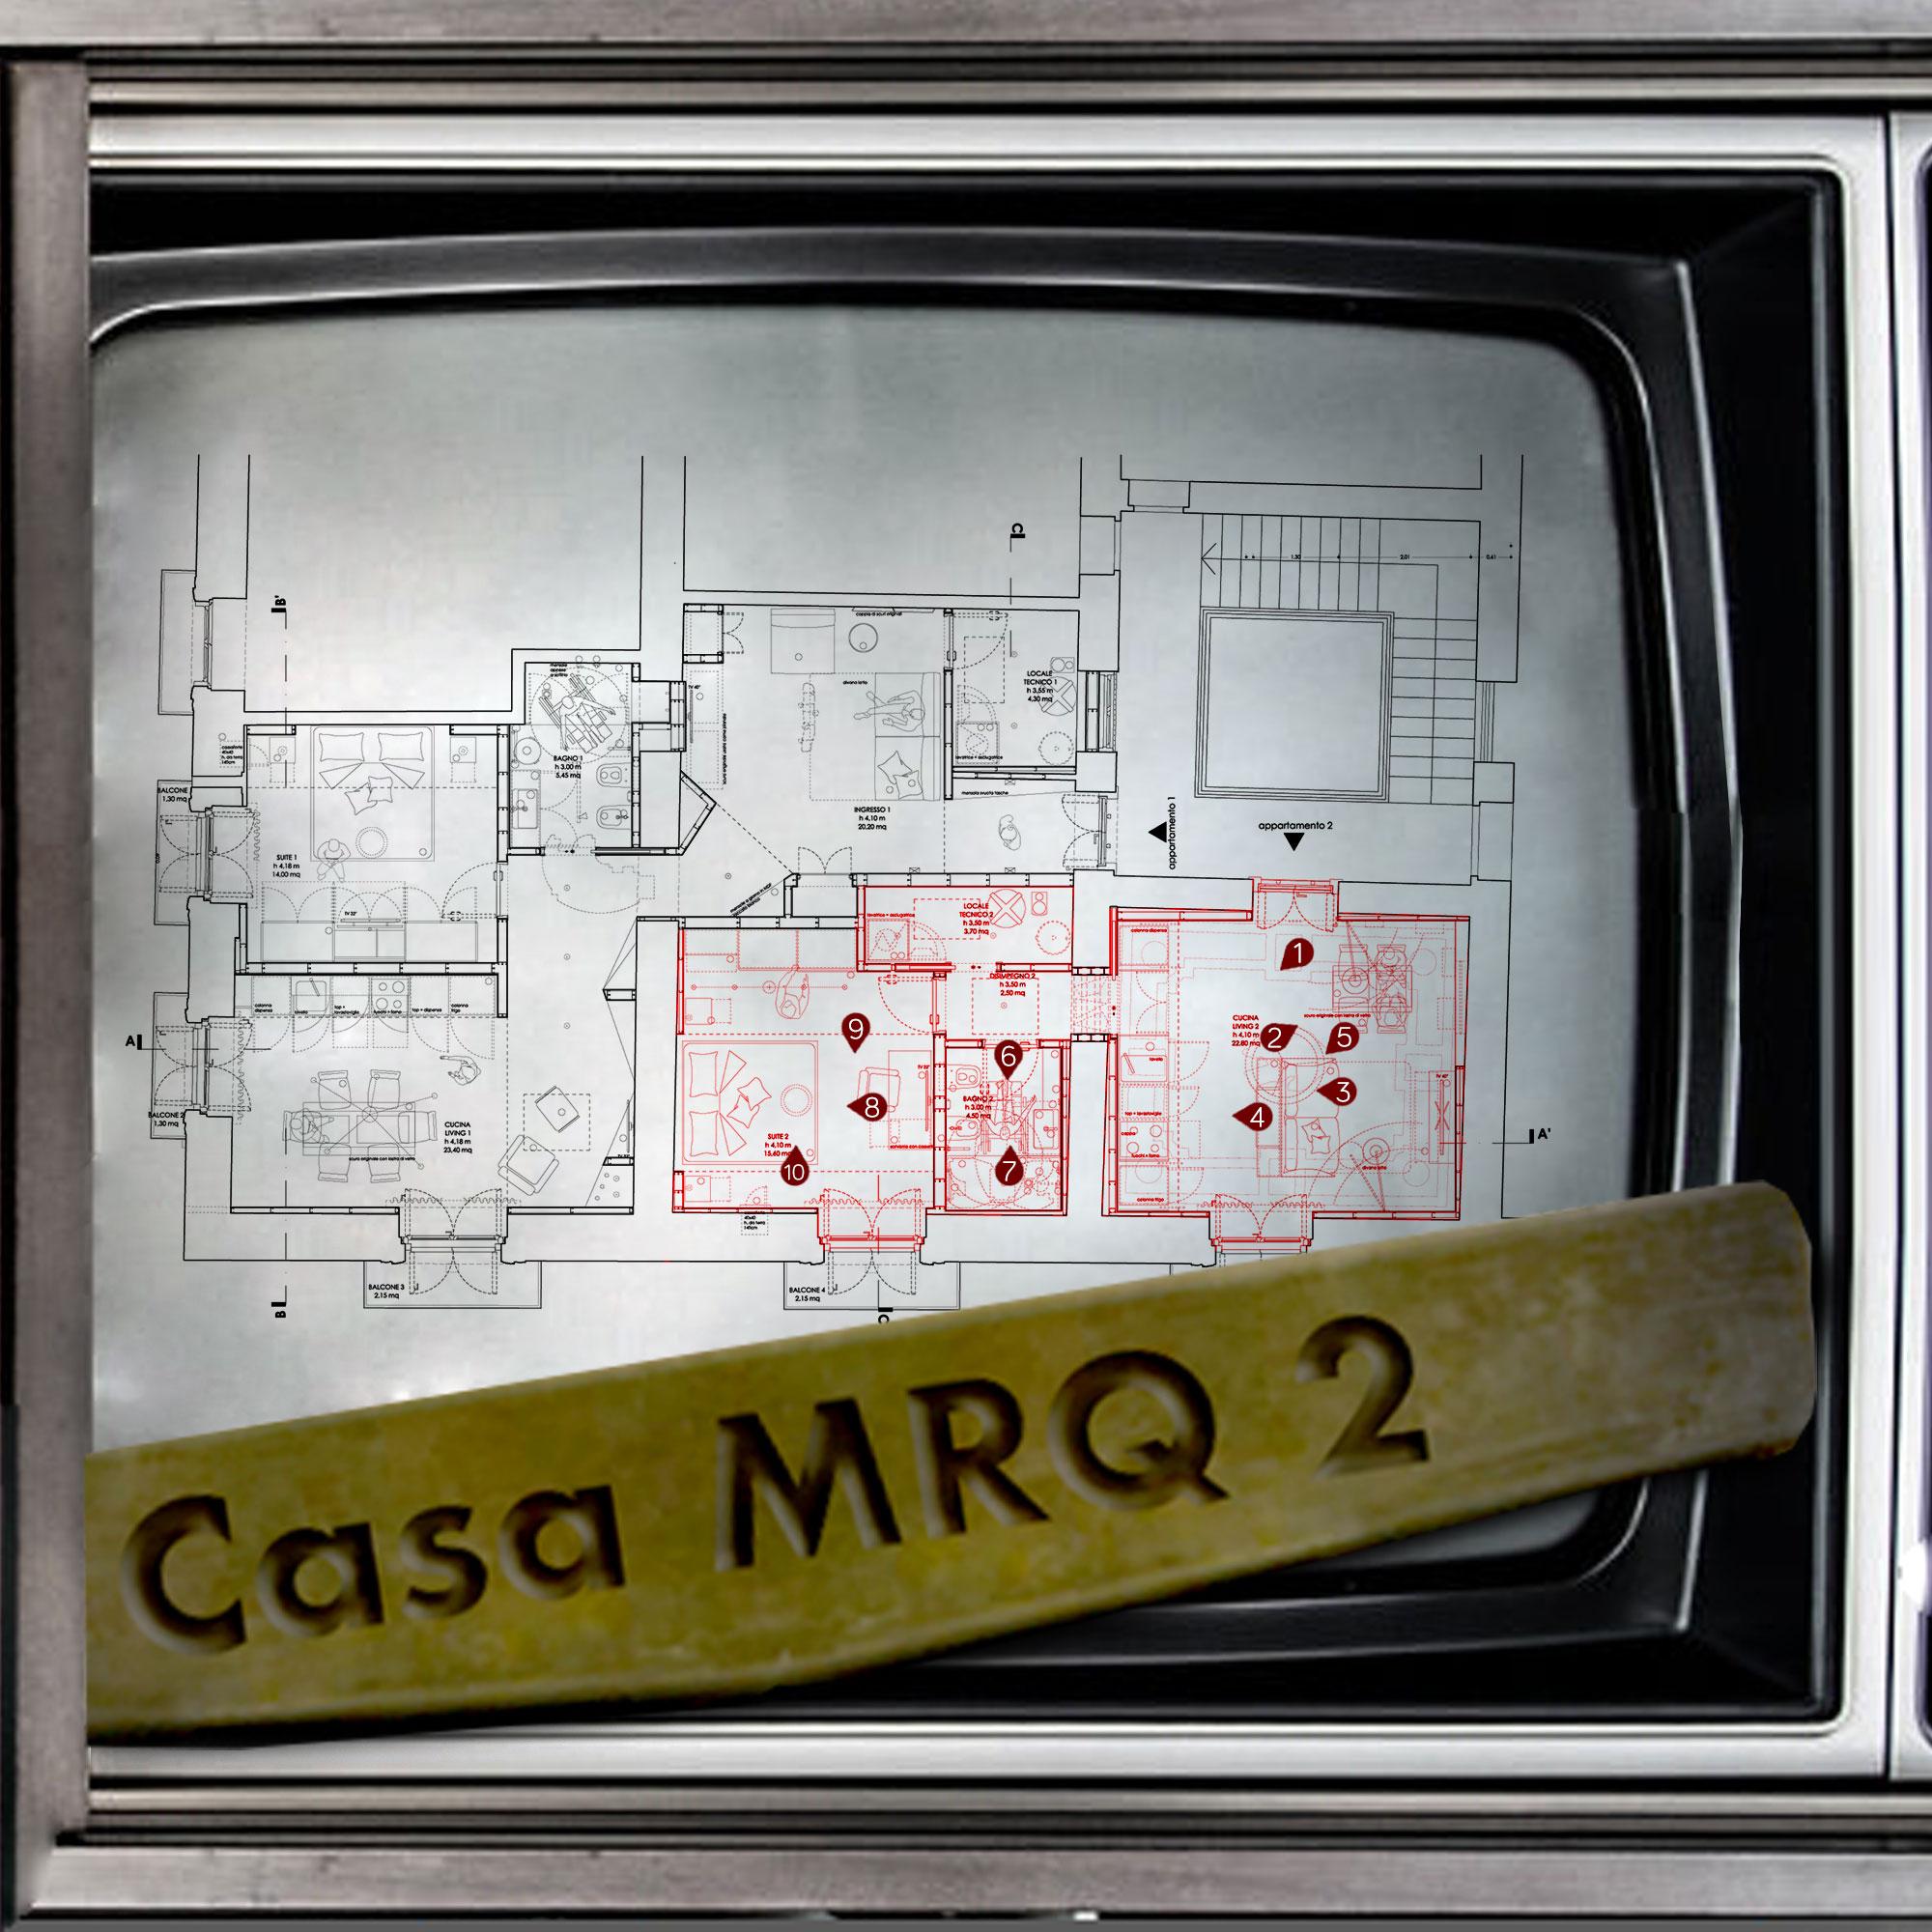 Casa-MRQ-Frazionamento-immobiliare-17-